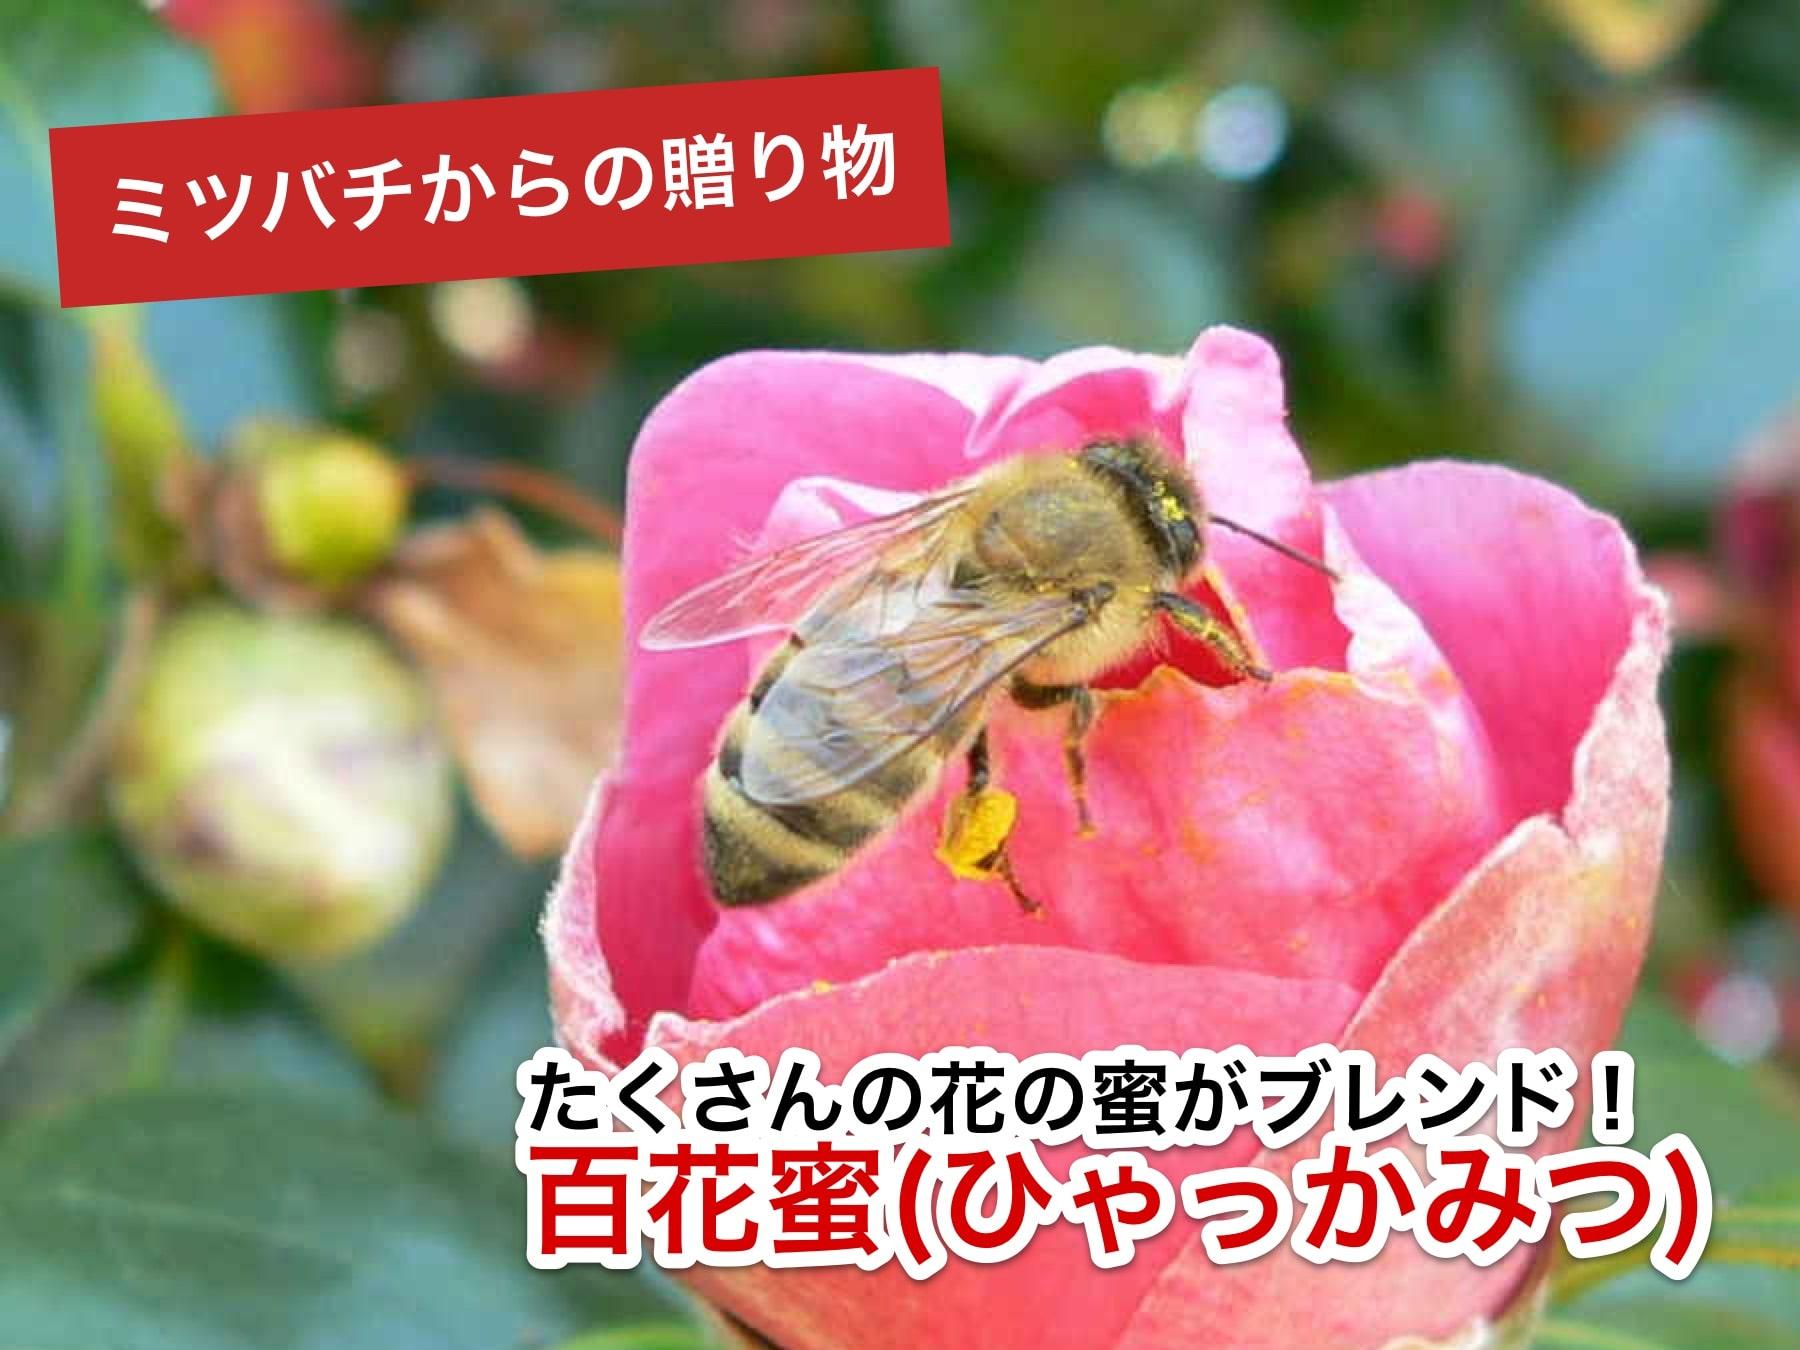 ニホンミツバチのハチミツは百花蜜